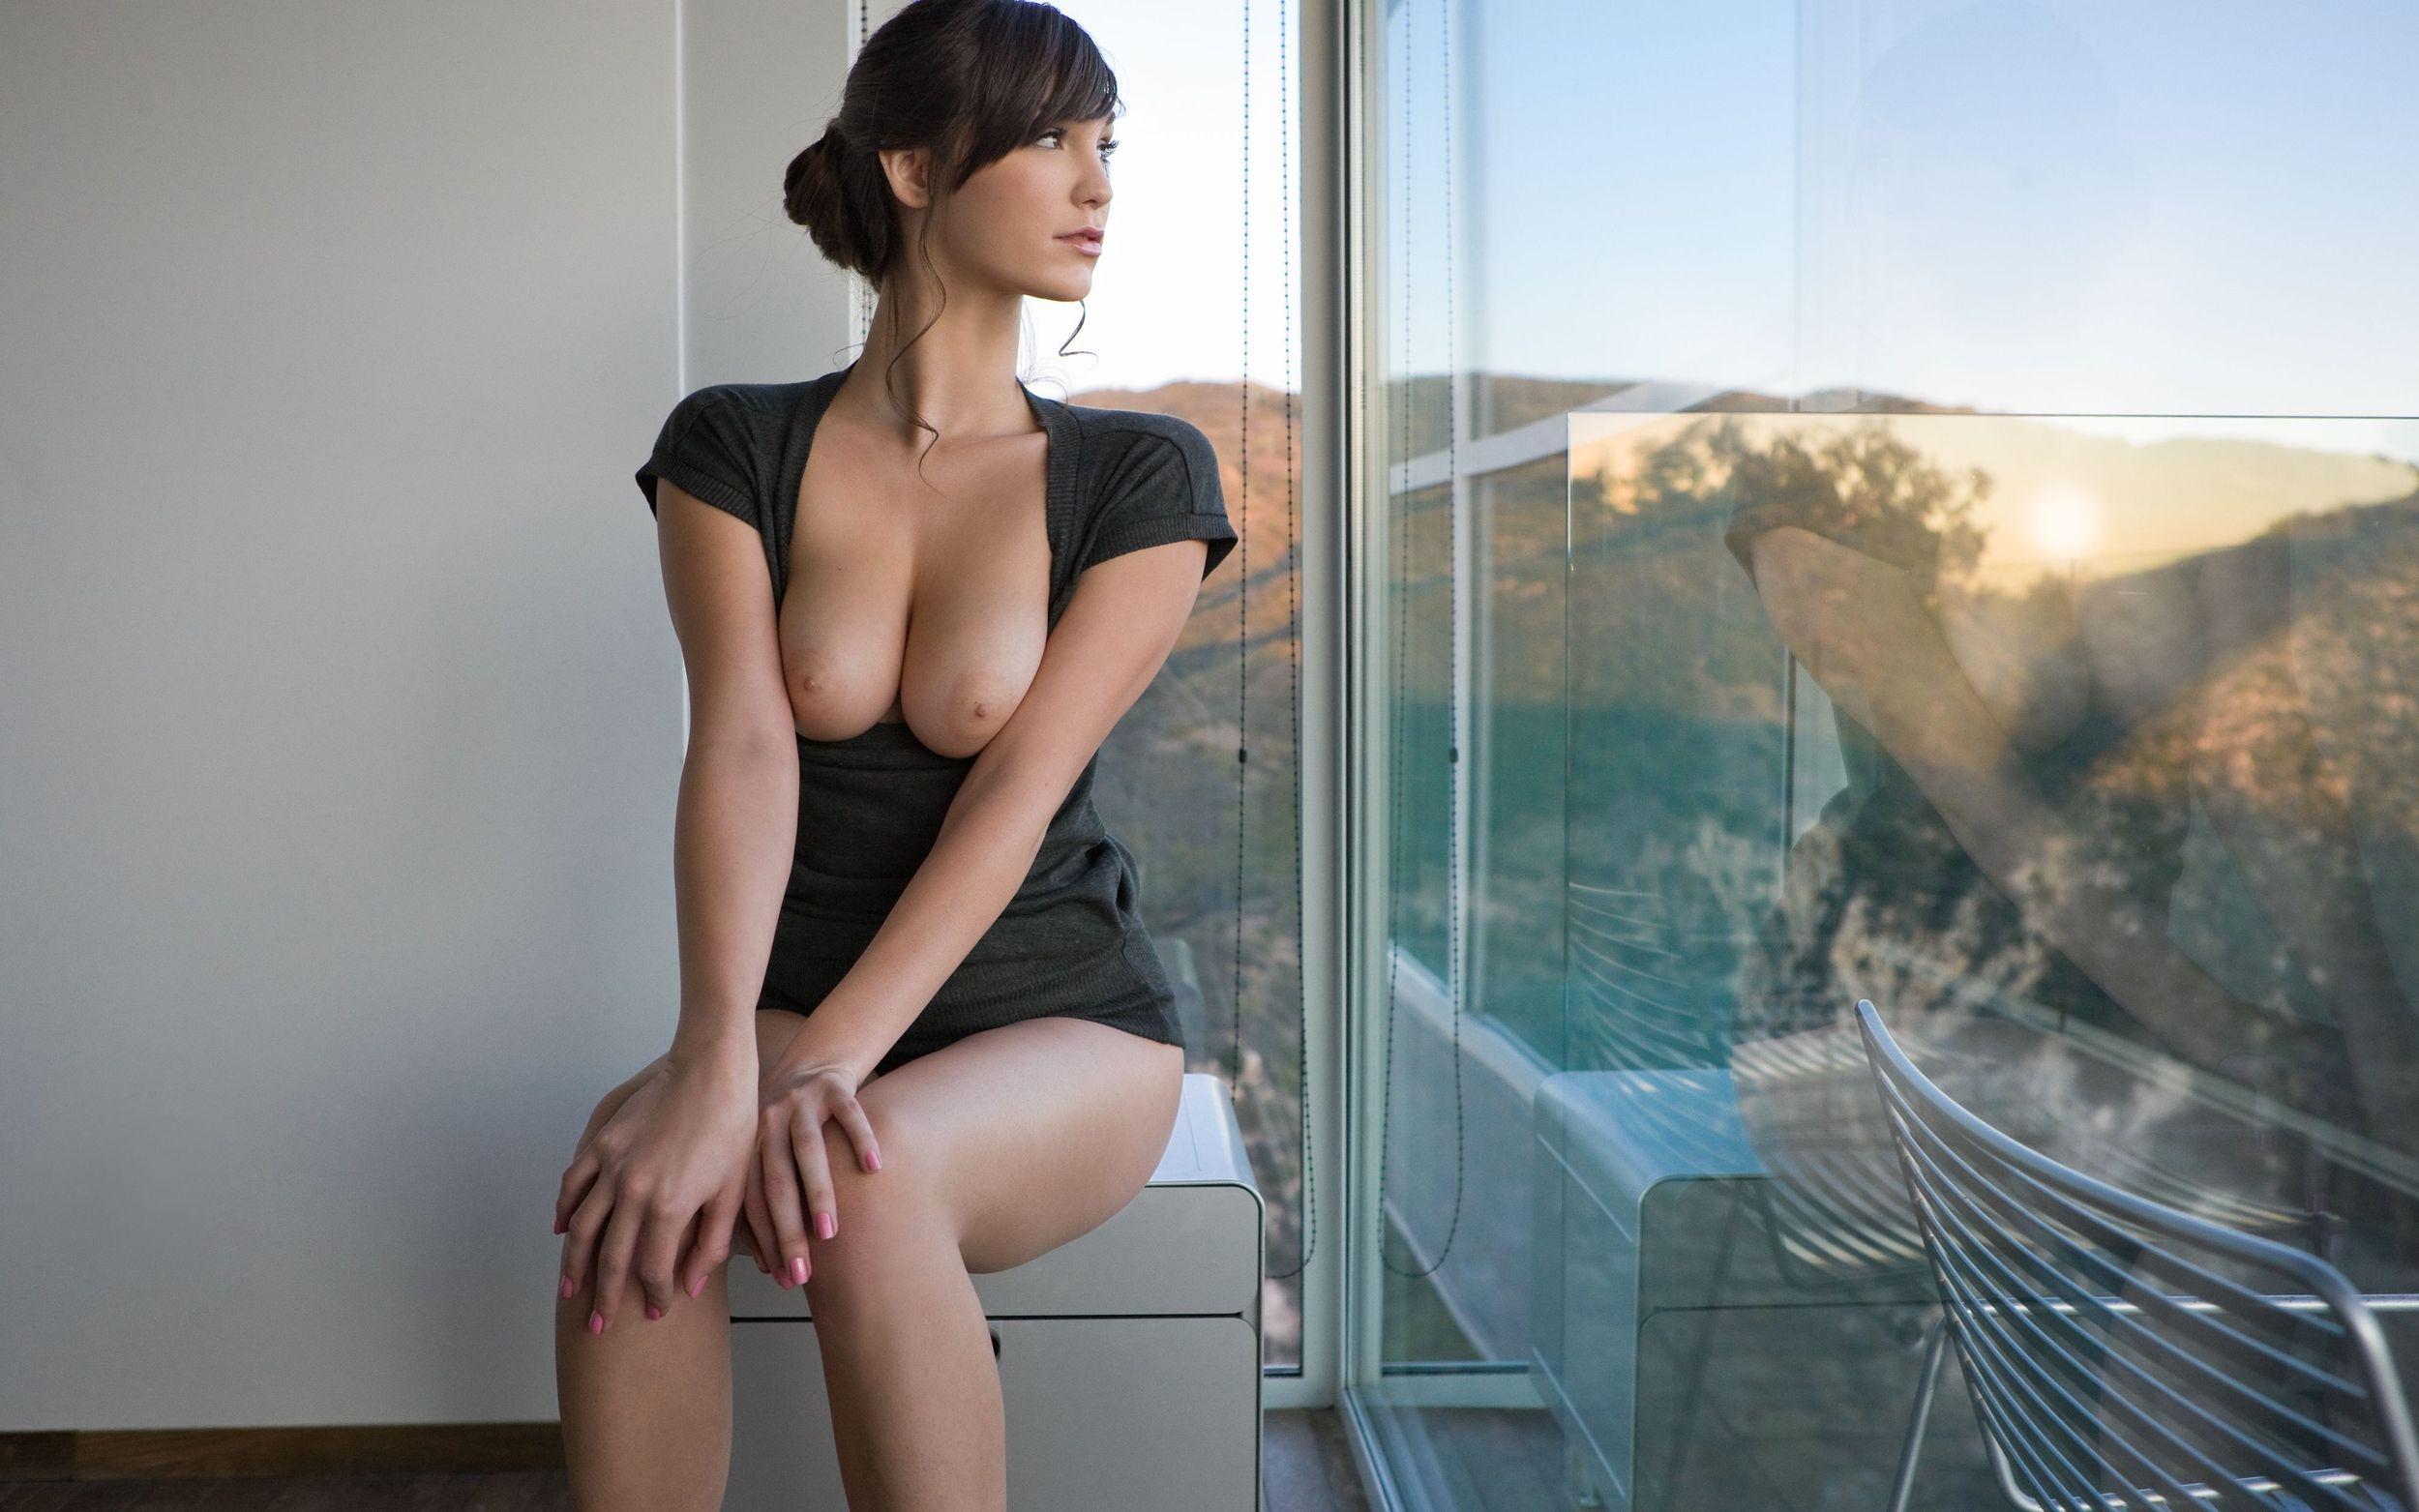 У окна порно онлайн, Секс У Окна (найдено 98 порно видео роликов) 11 фотография